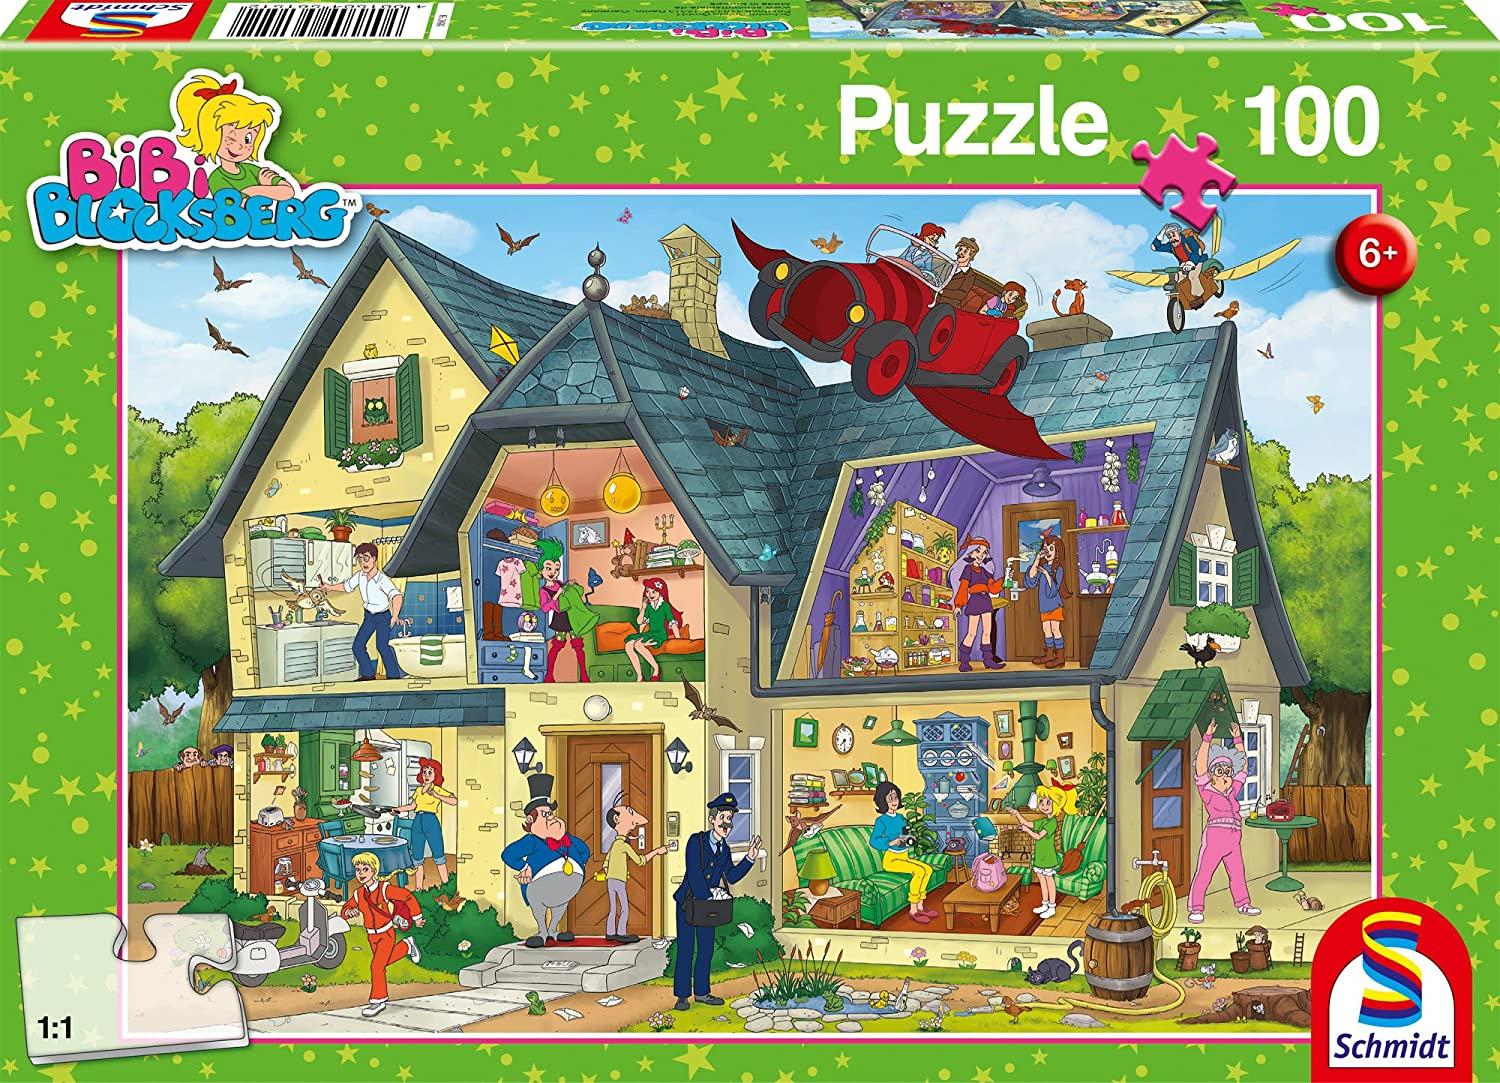 Schmidt Spiele Bibi, Blocksbergs ist was los, 100 Teile Kinderpuzzle für 4,99€ (Amazon Prime)